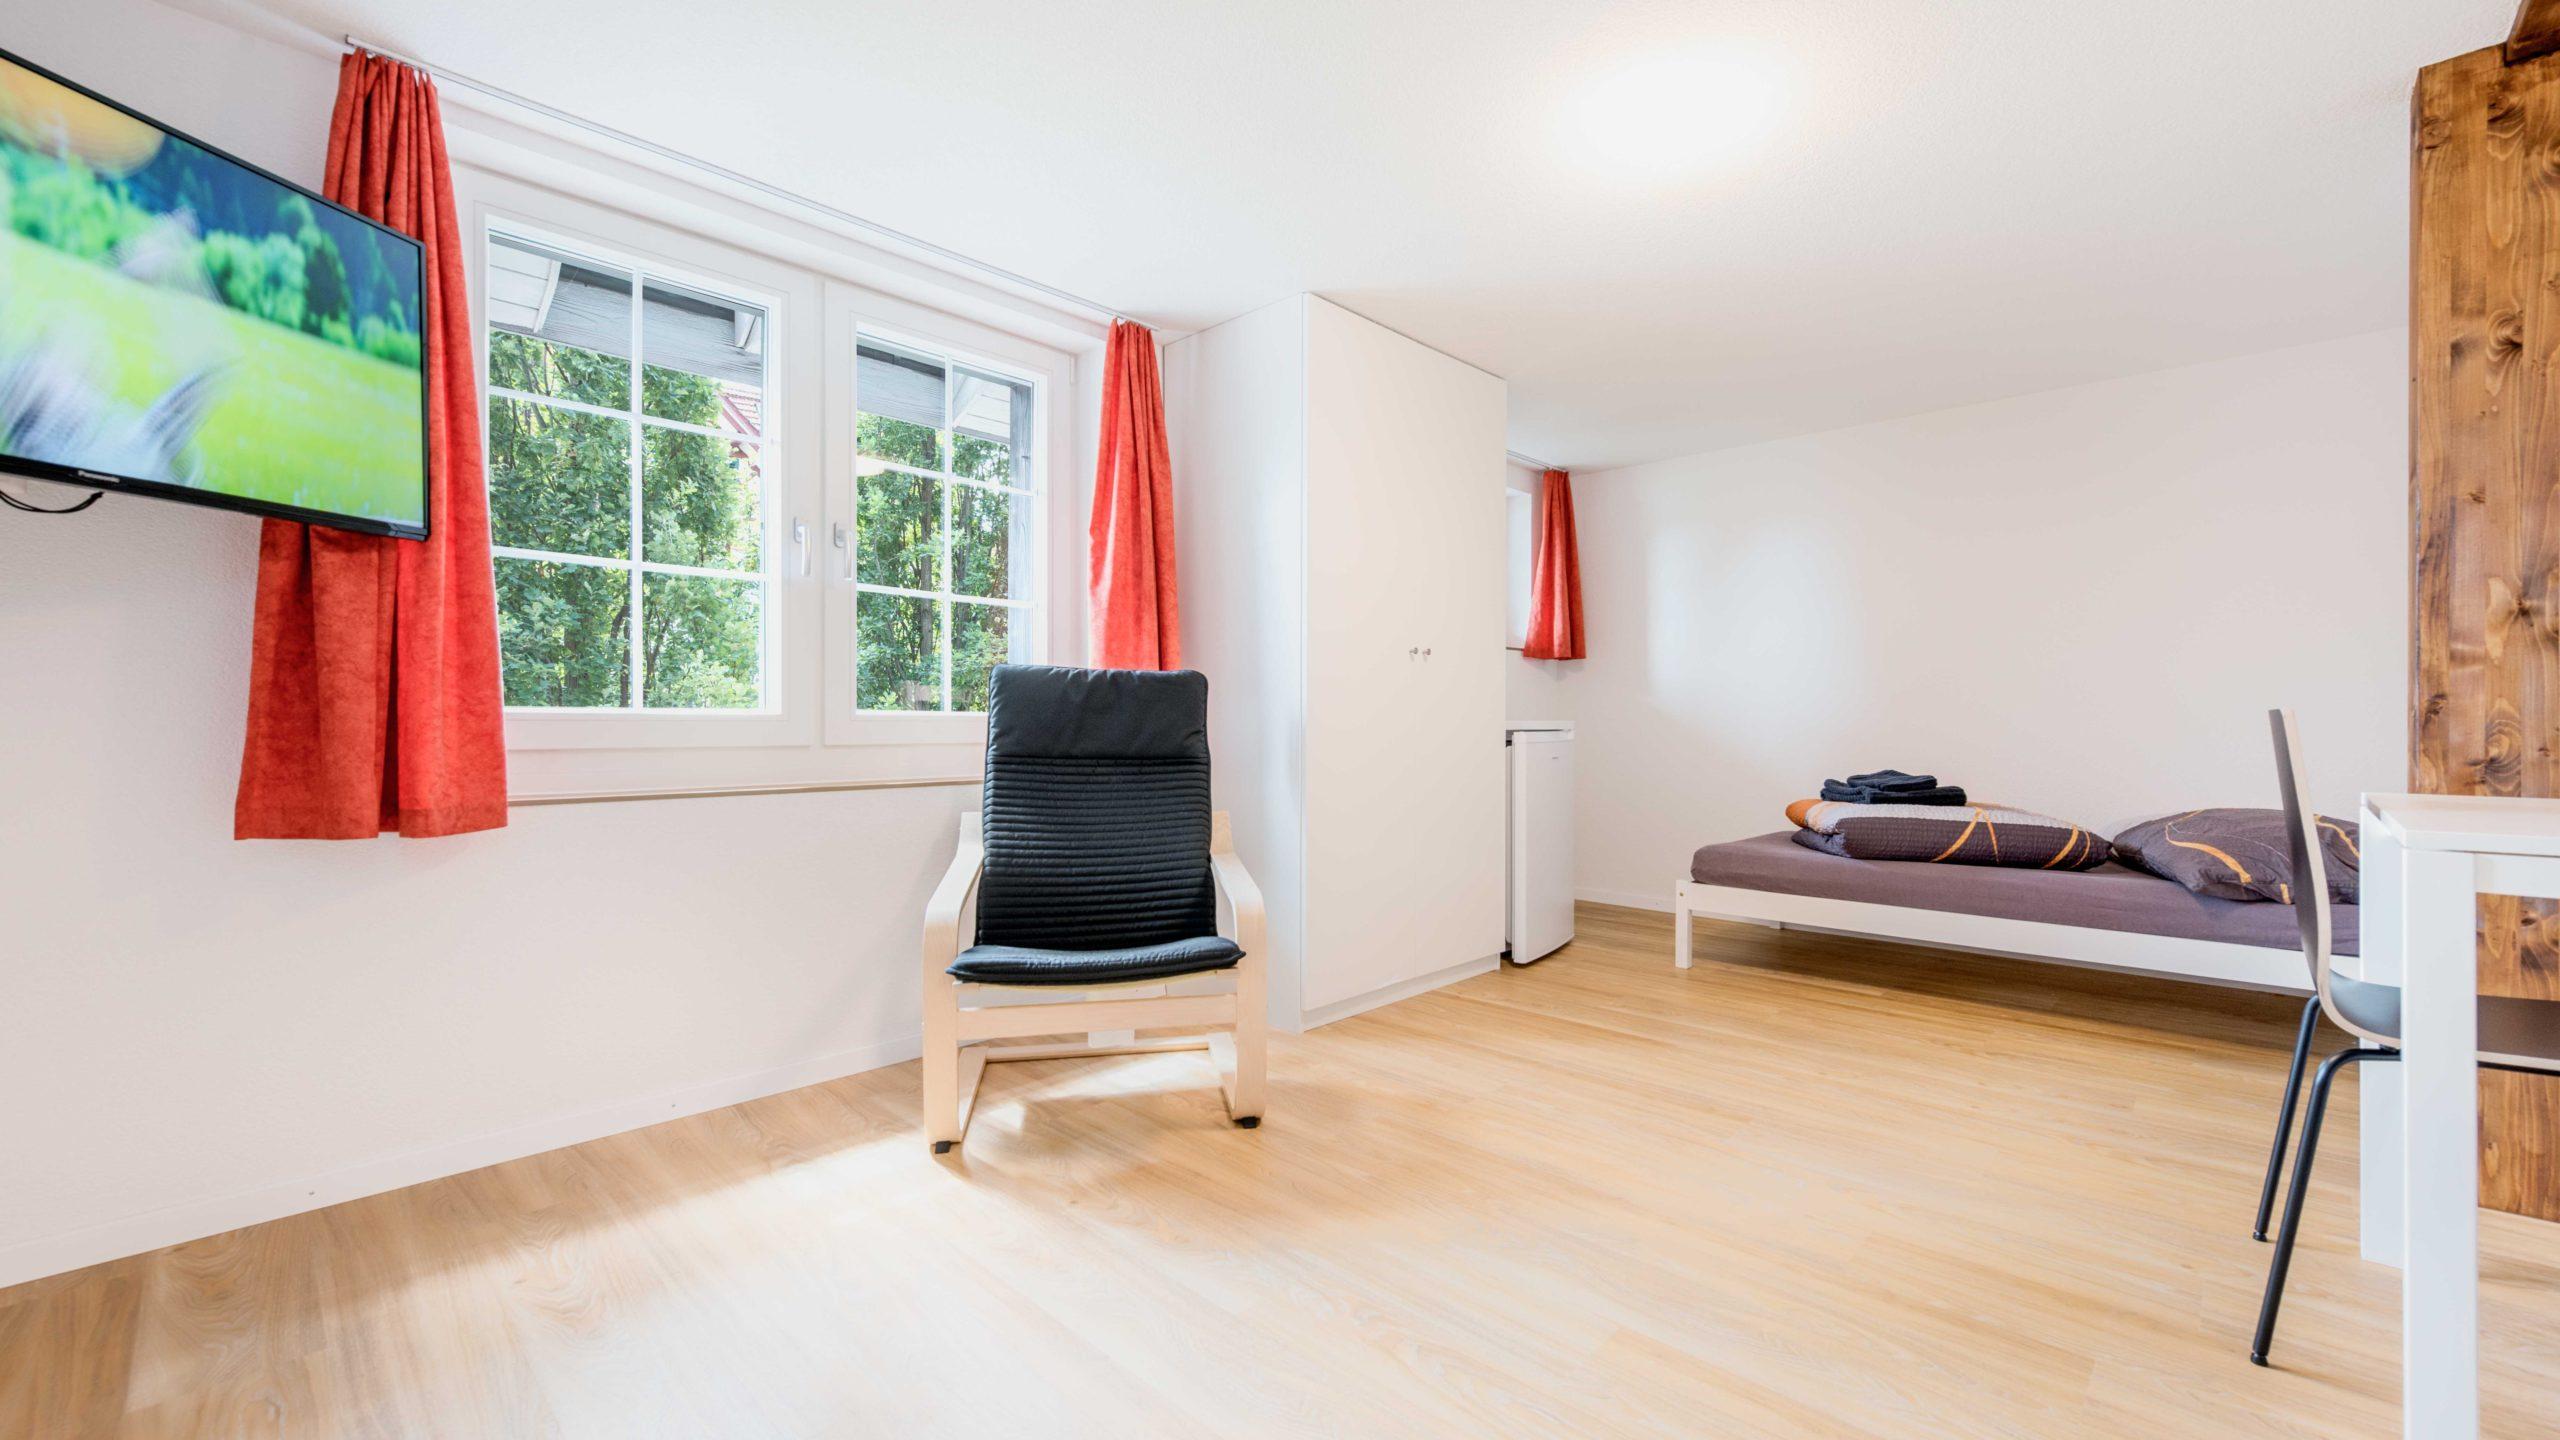 Zürichstrasse 17-8932-Mettmentstetten-Erdgeschoss-Zimmer 3-1